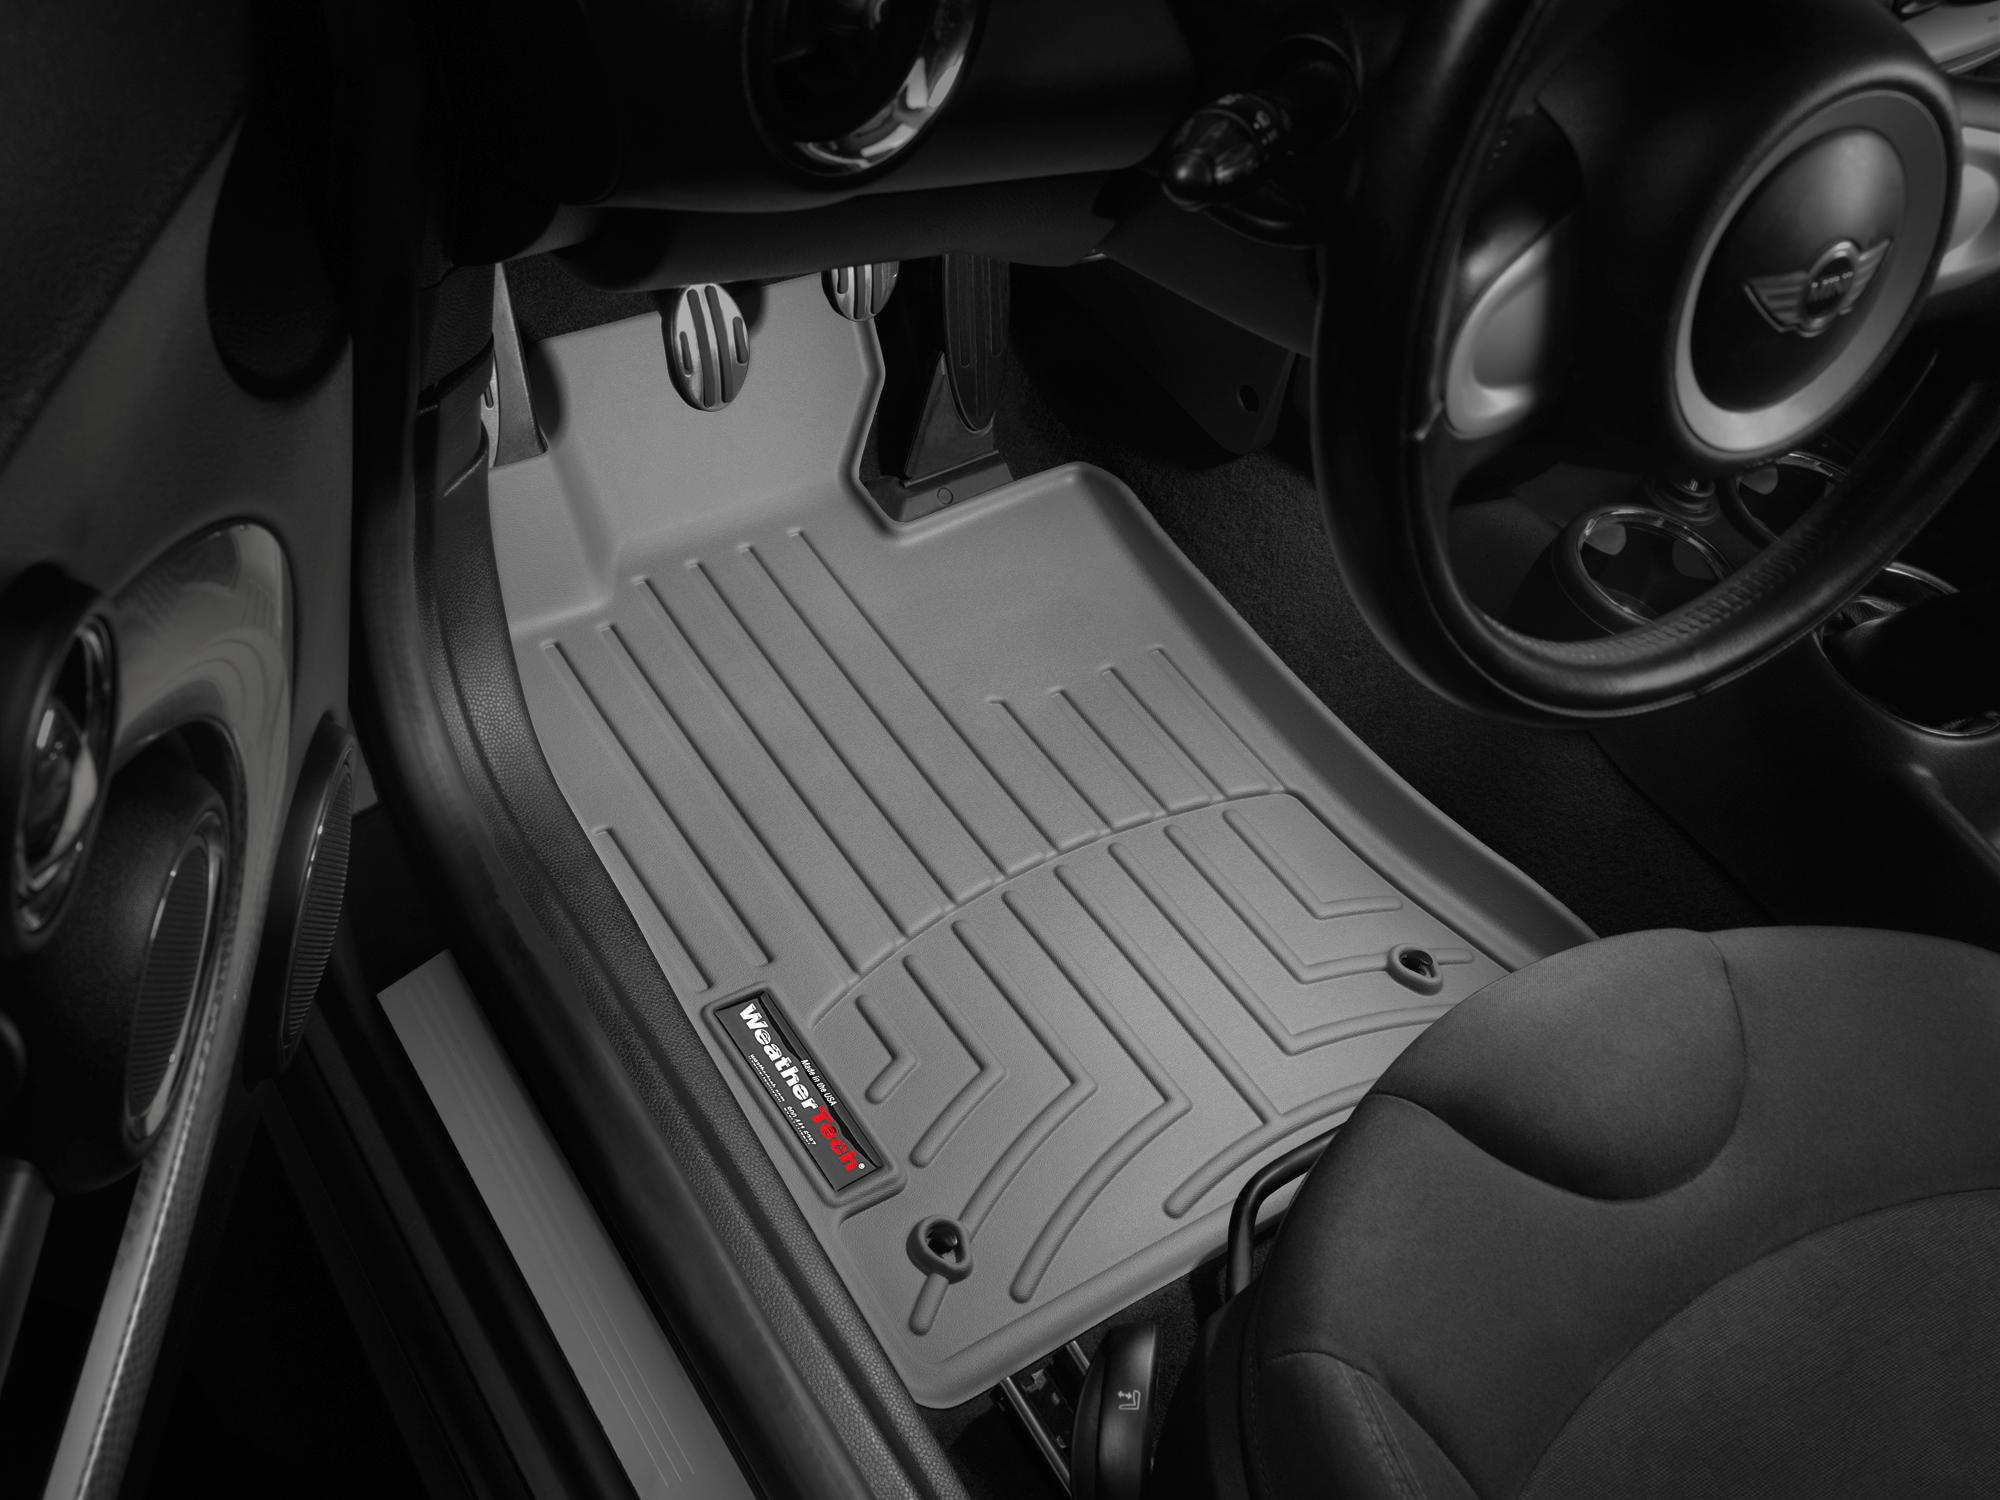 Tappeti gomma su misura bordo alto MINI Cooper / Cooper S 07>08 Grigio A2677*